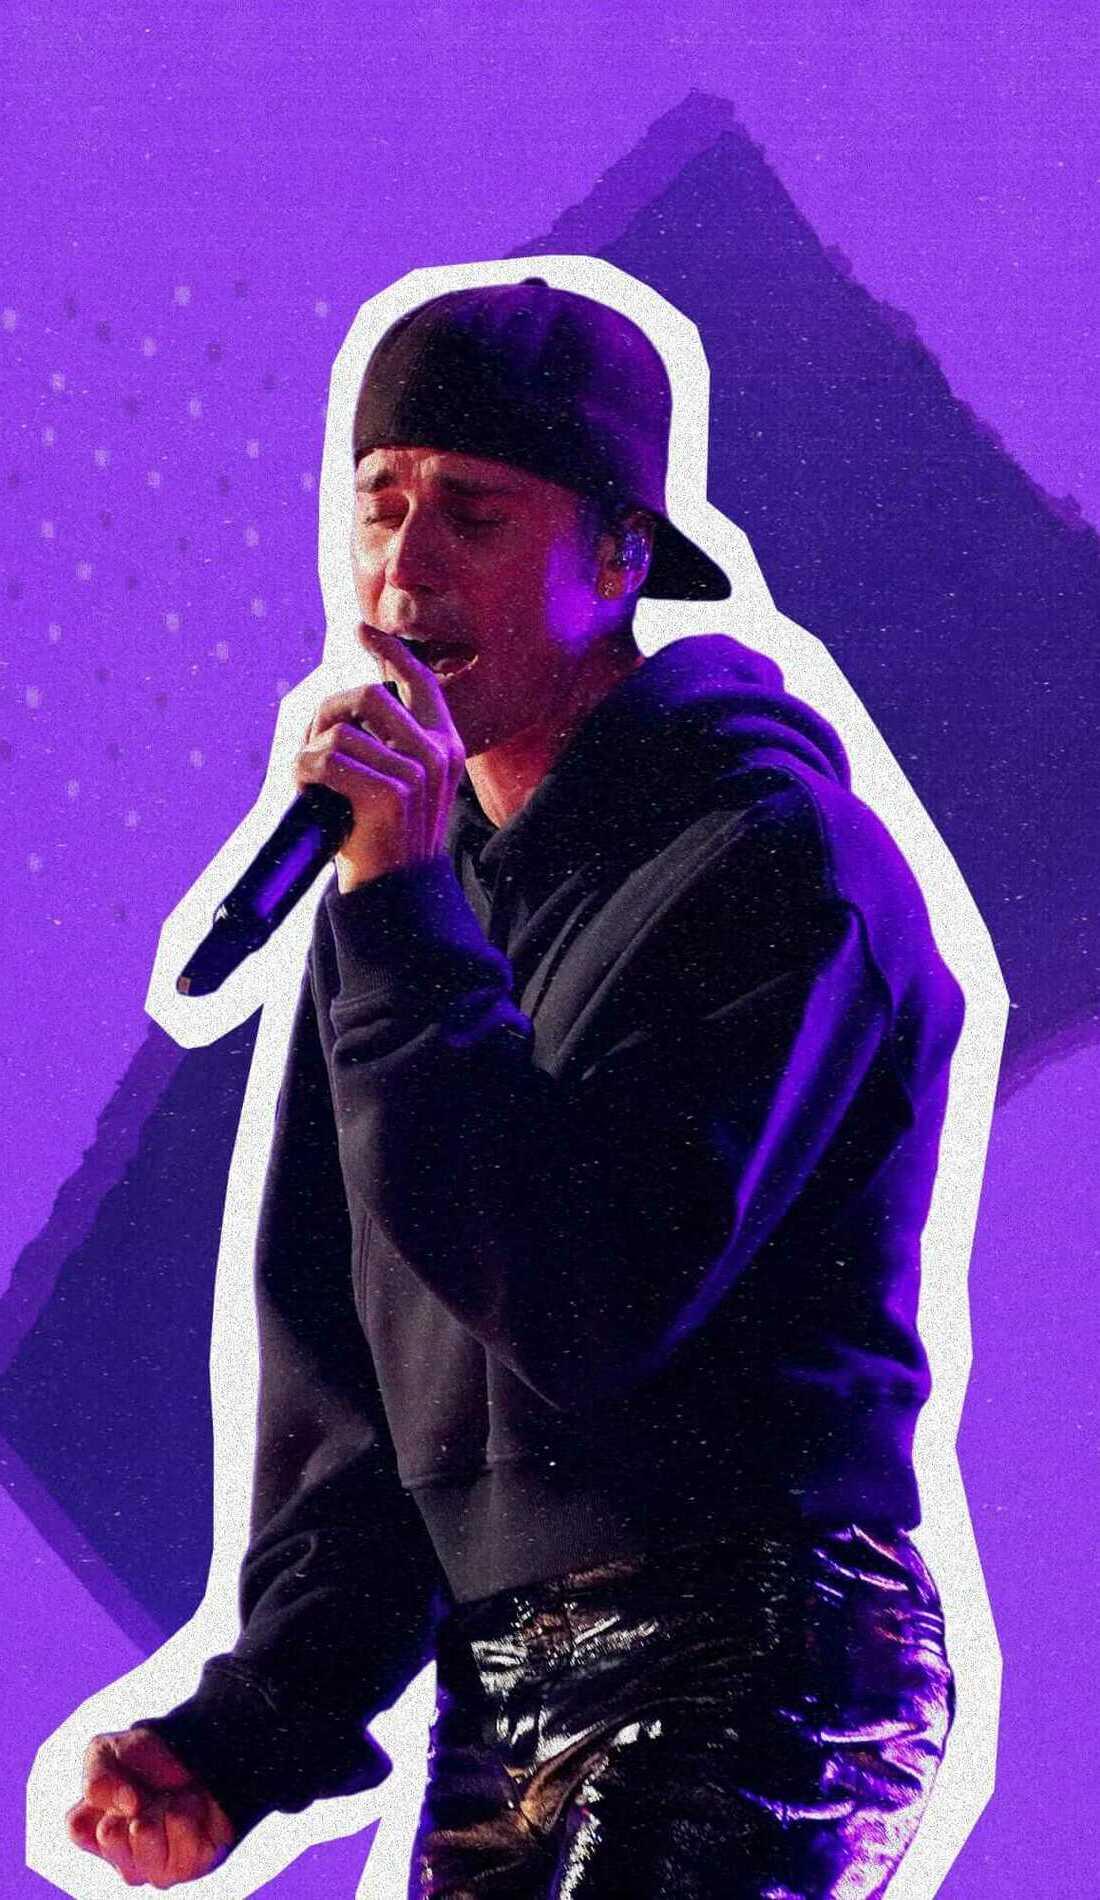 A Justin Bieber live event